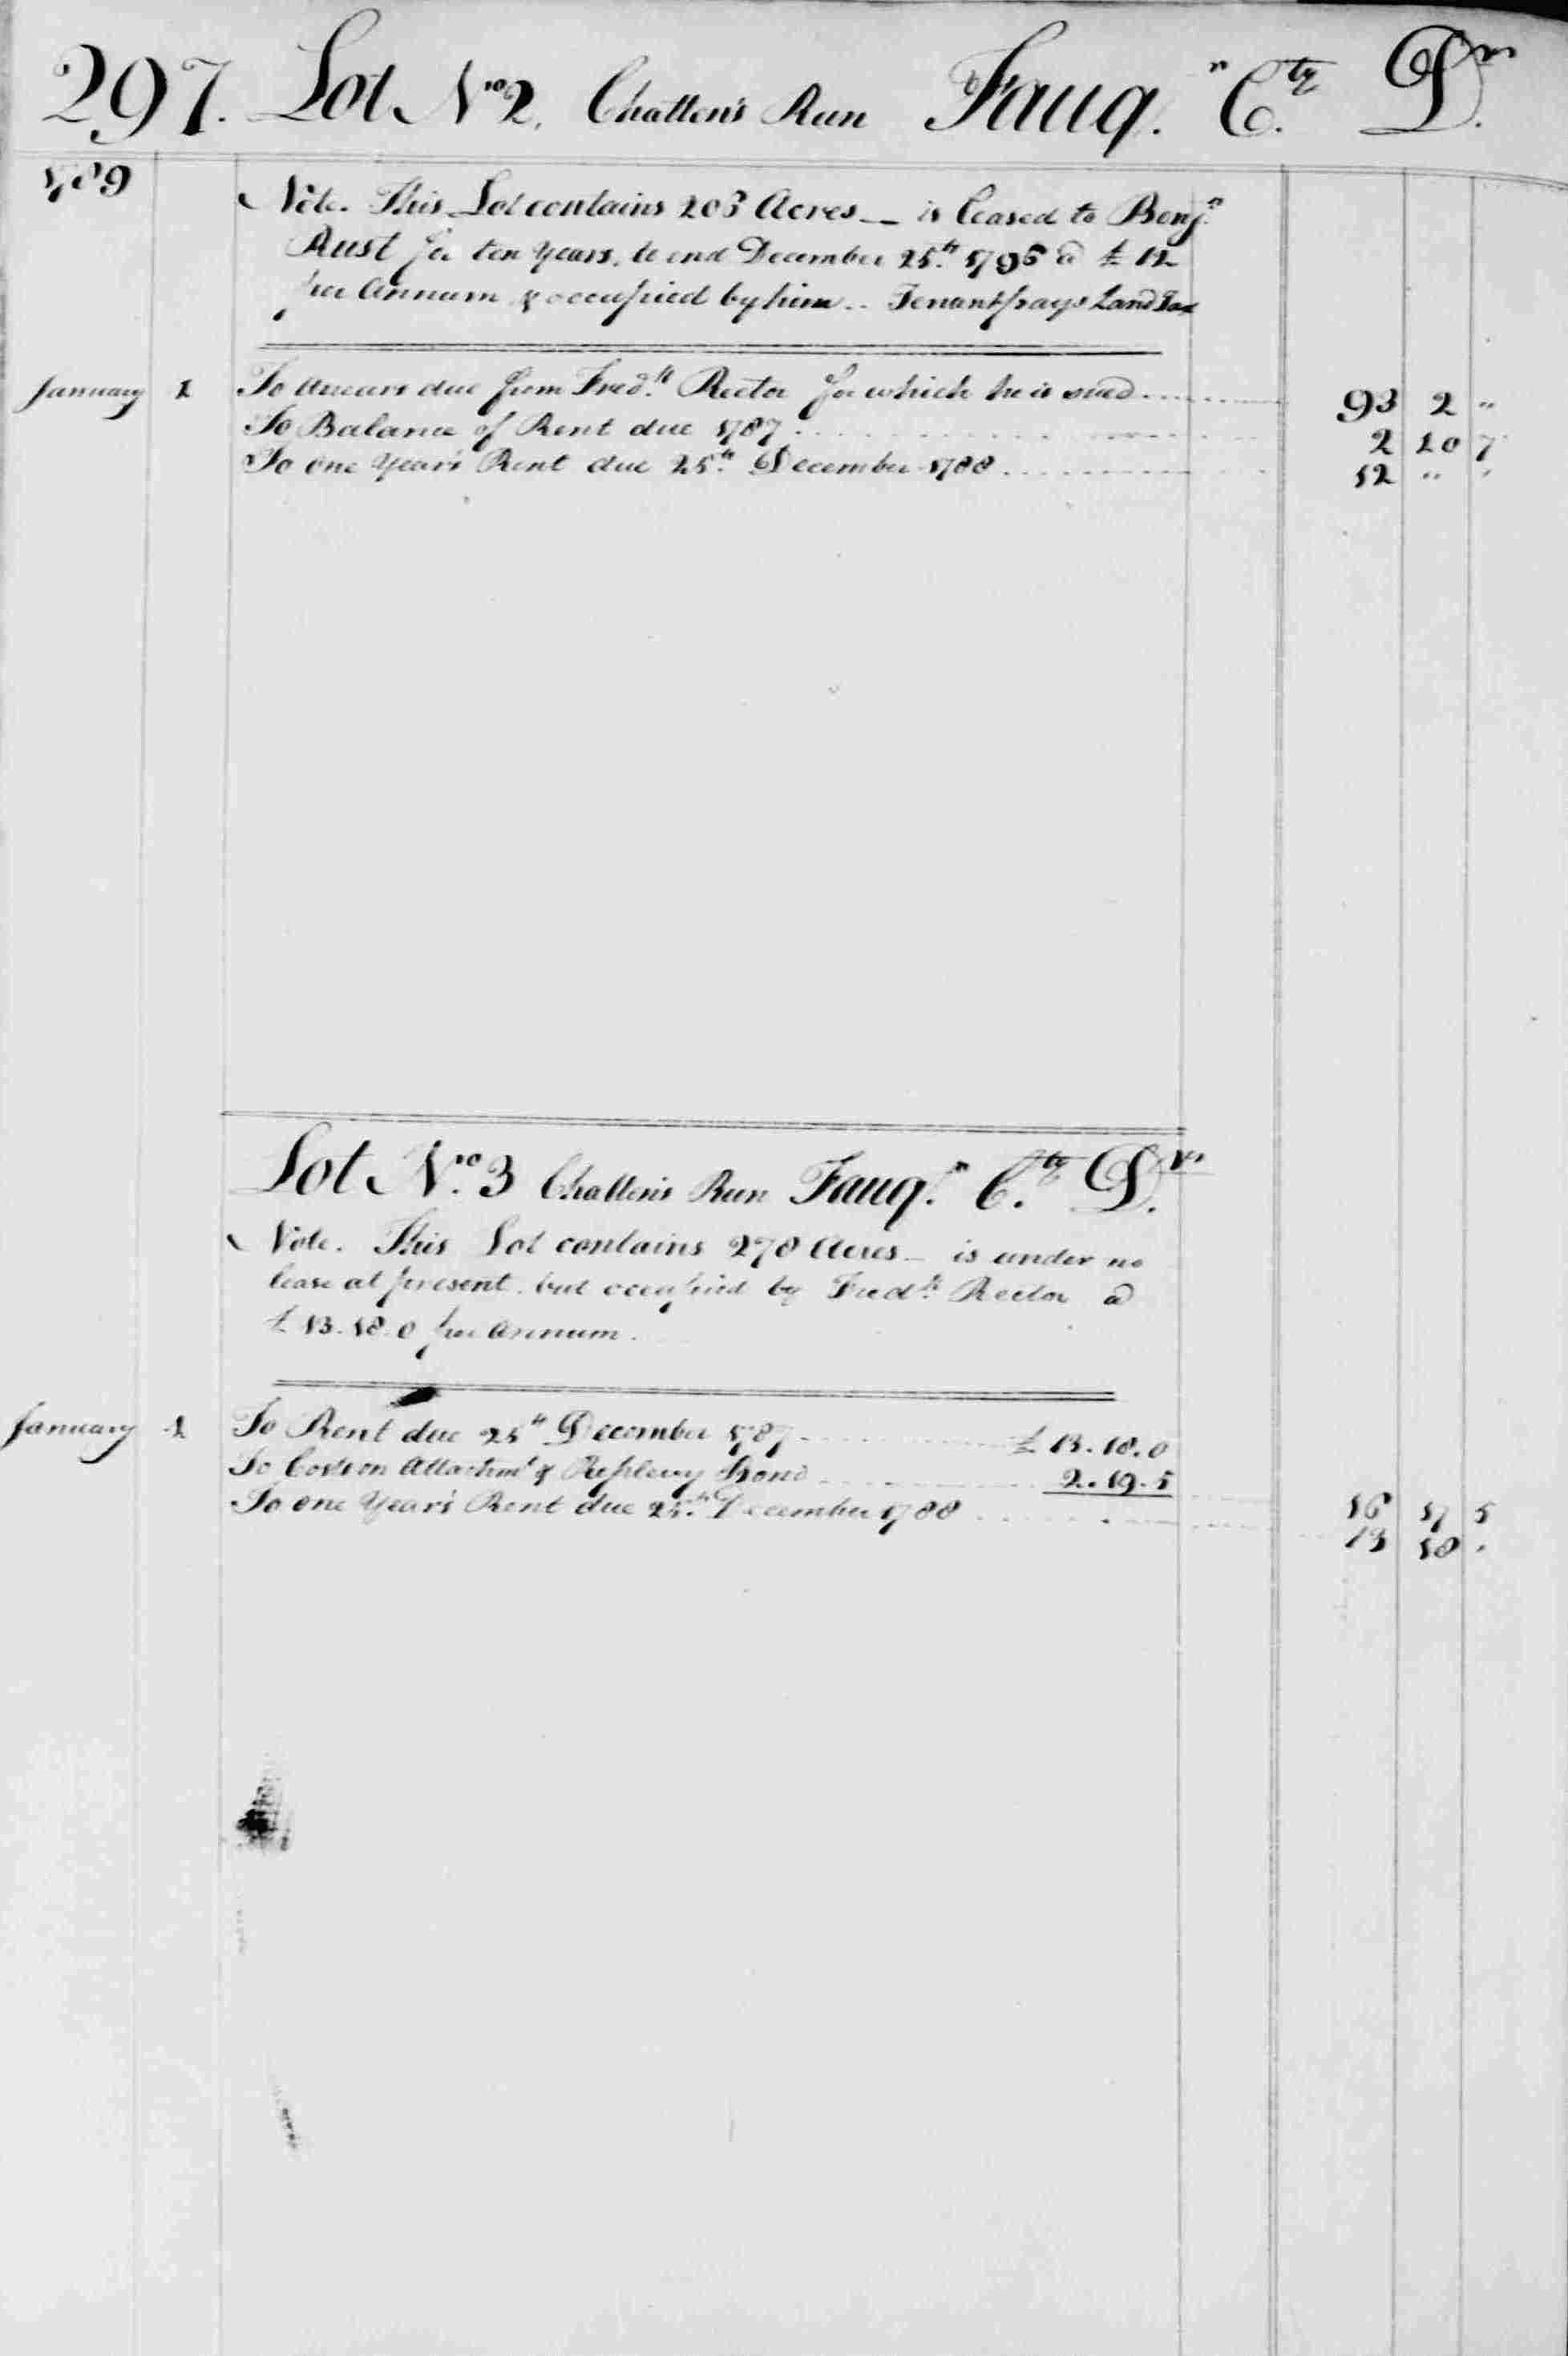 Ledger B, folio 297, left side